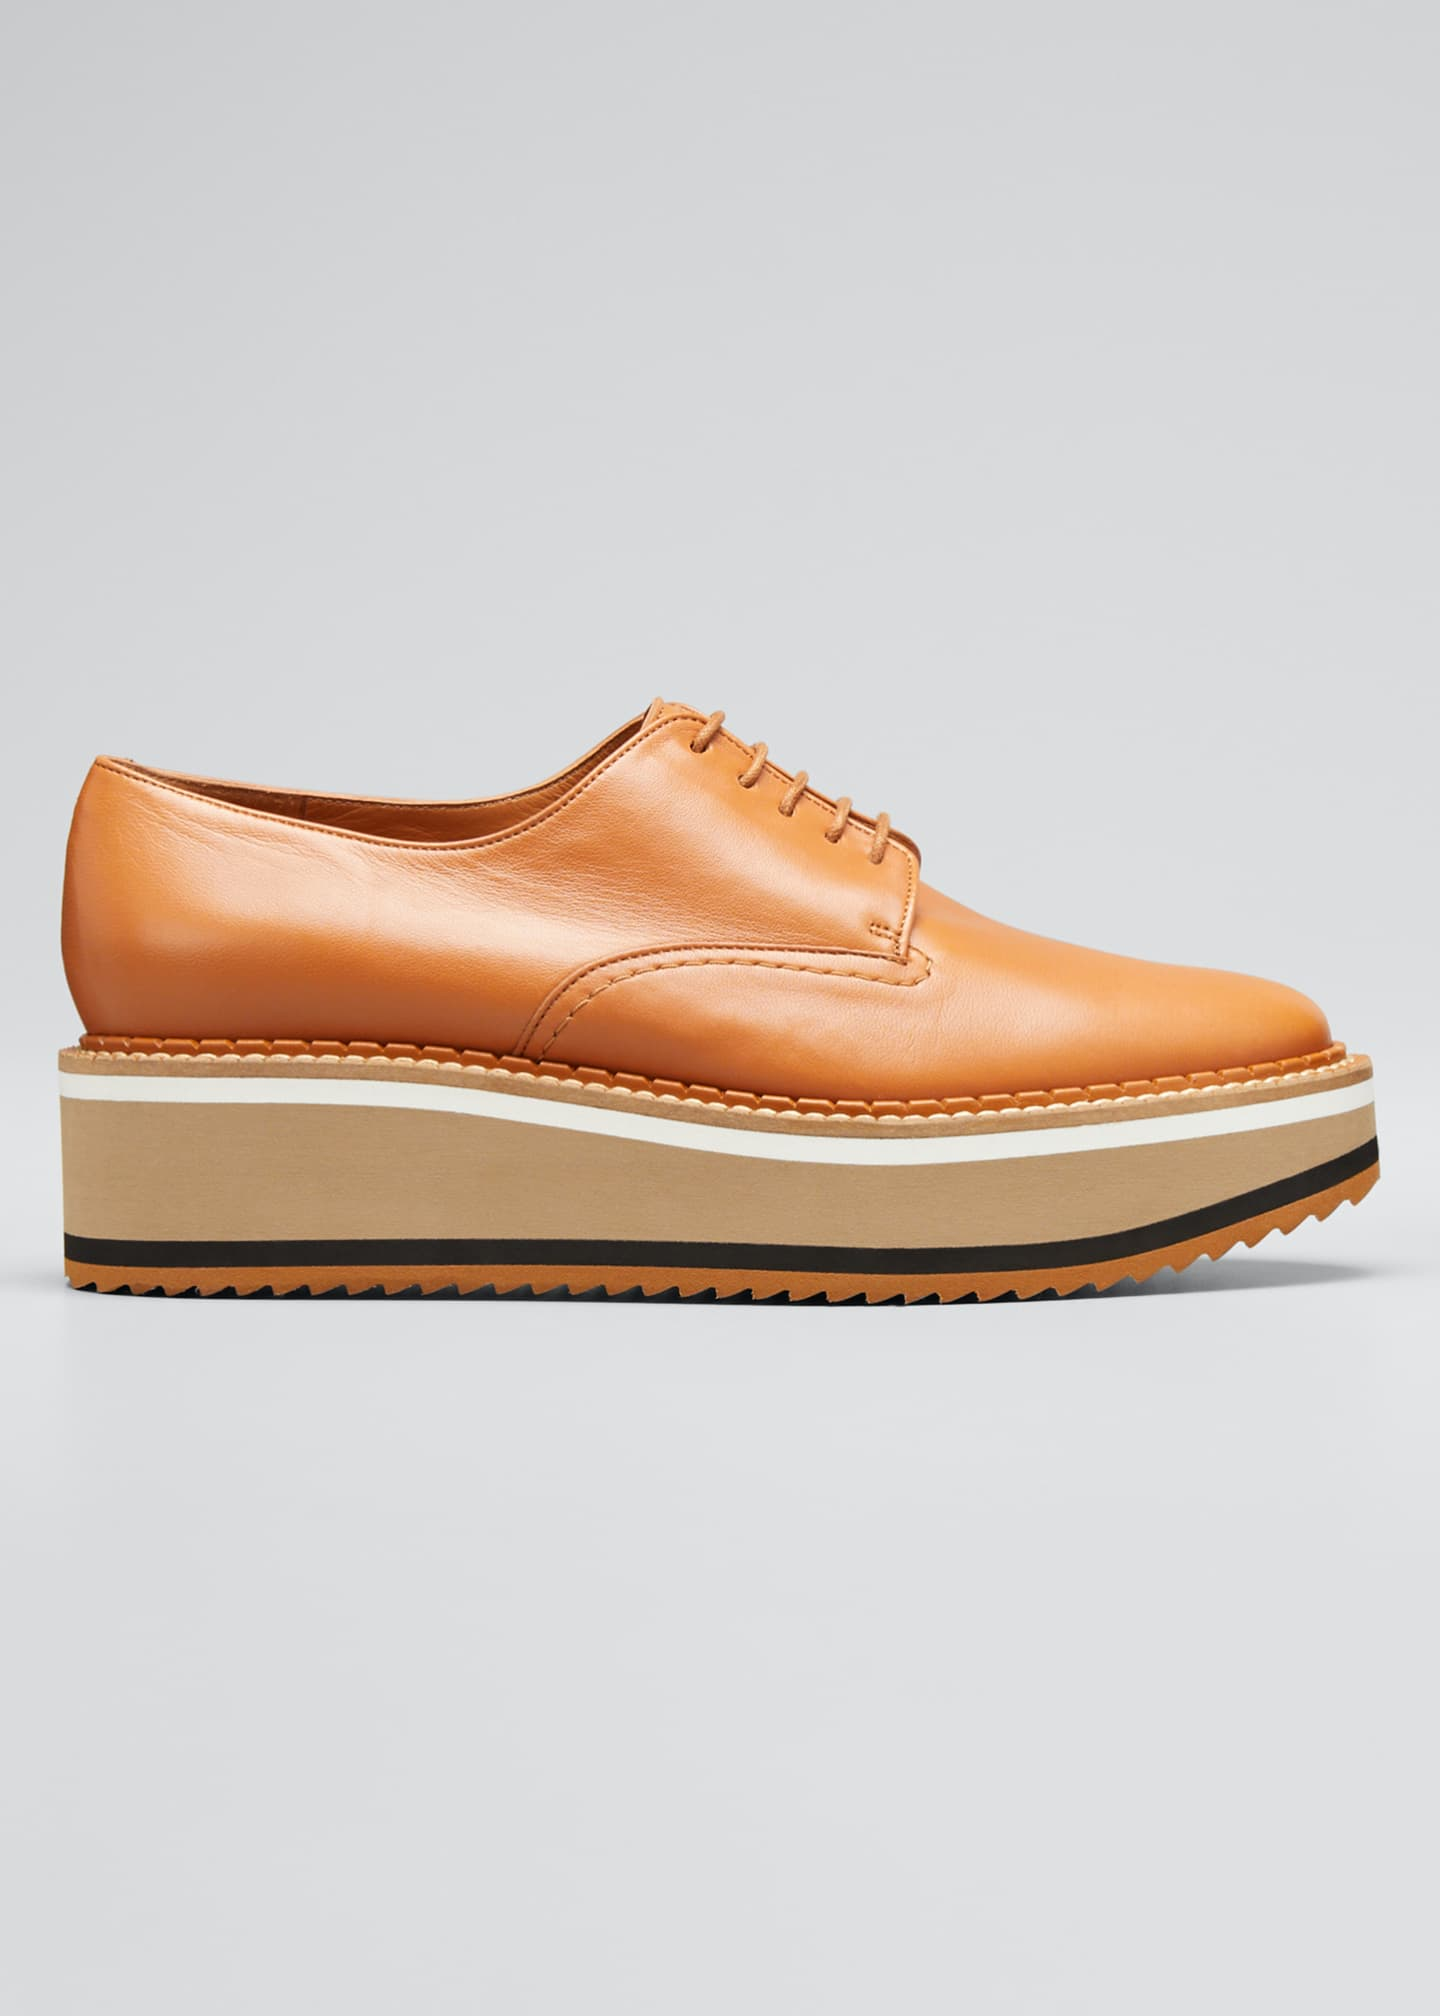 Clergerie Paris Berlin Leather Platform Derby Shoes